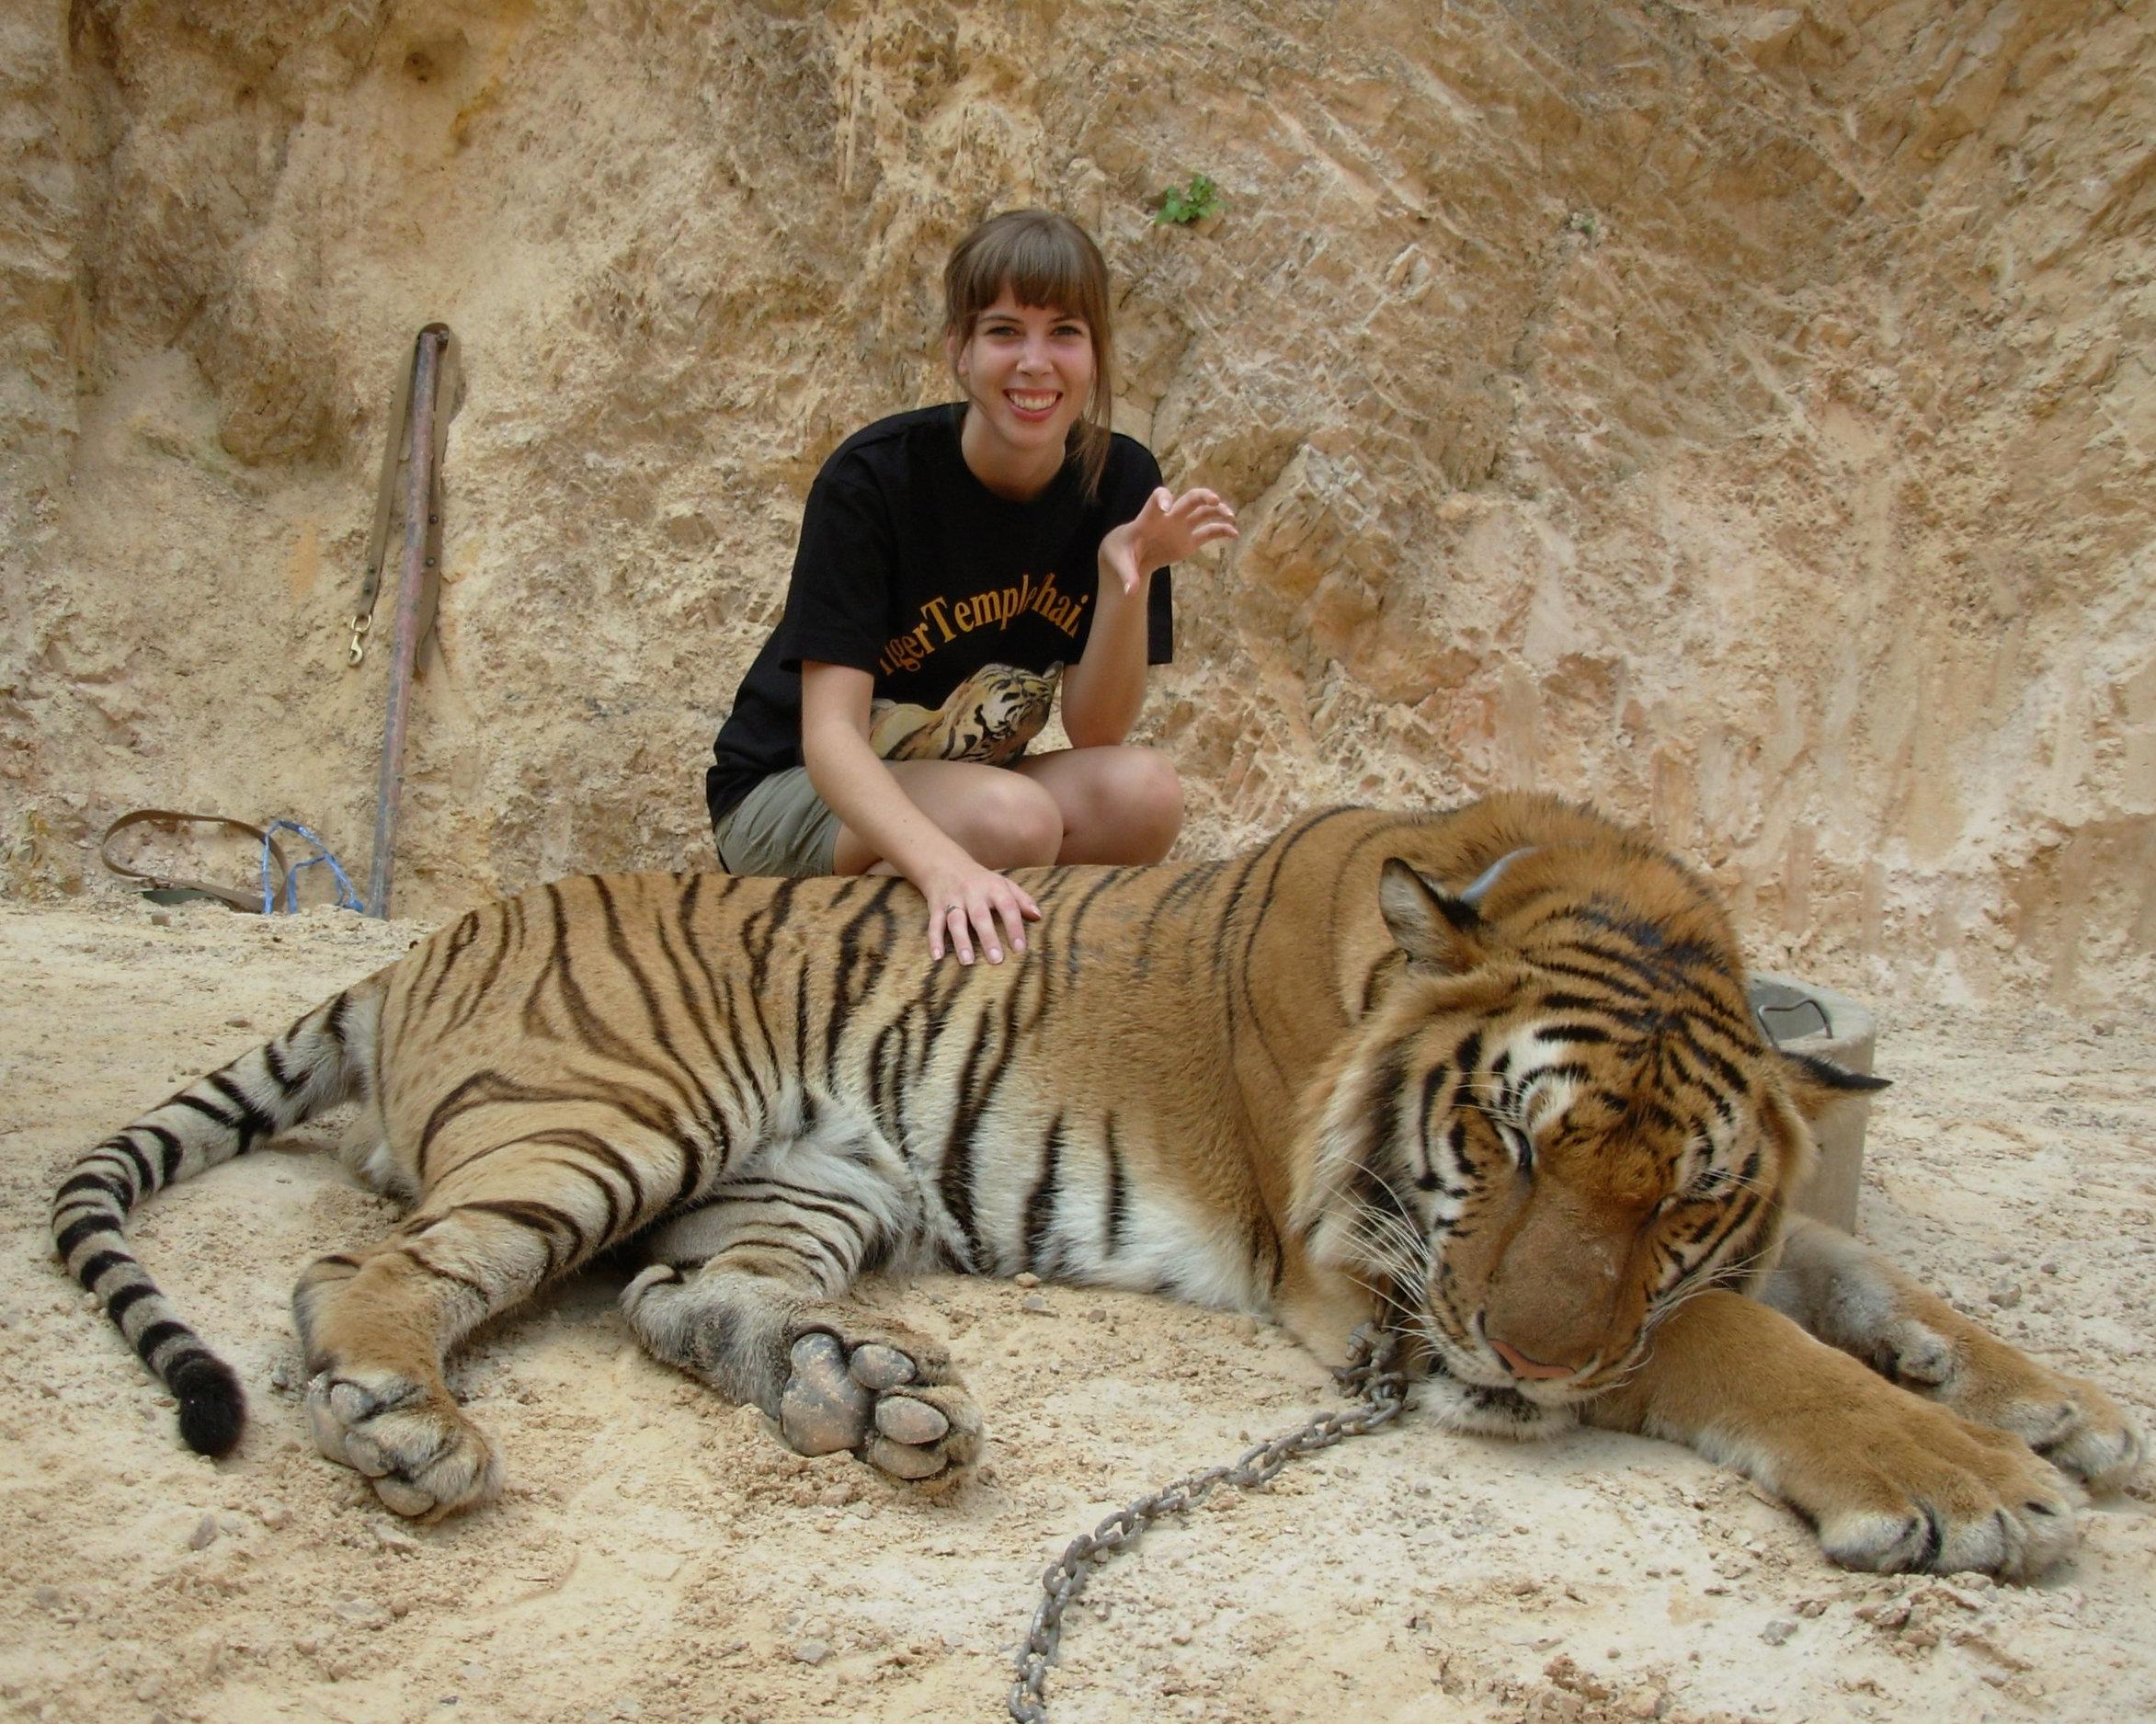 At the Tiger Temple outside of Bangkok, Thailand